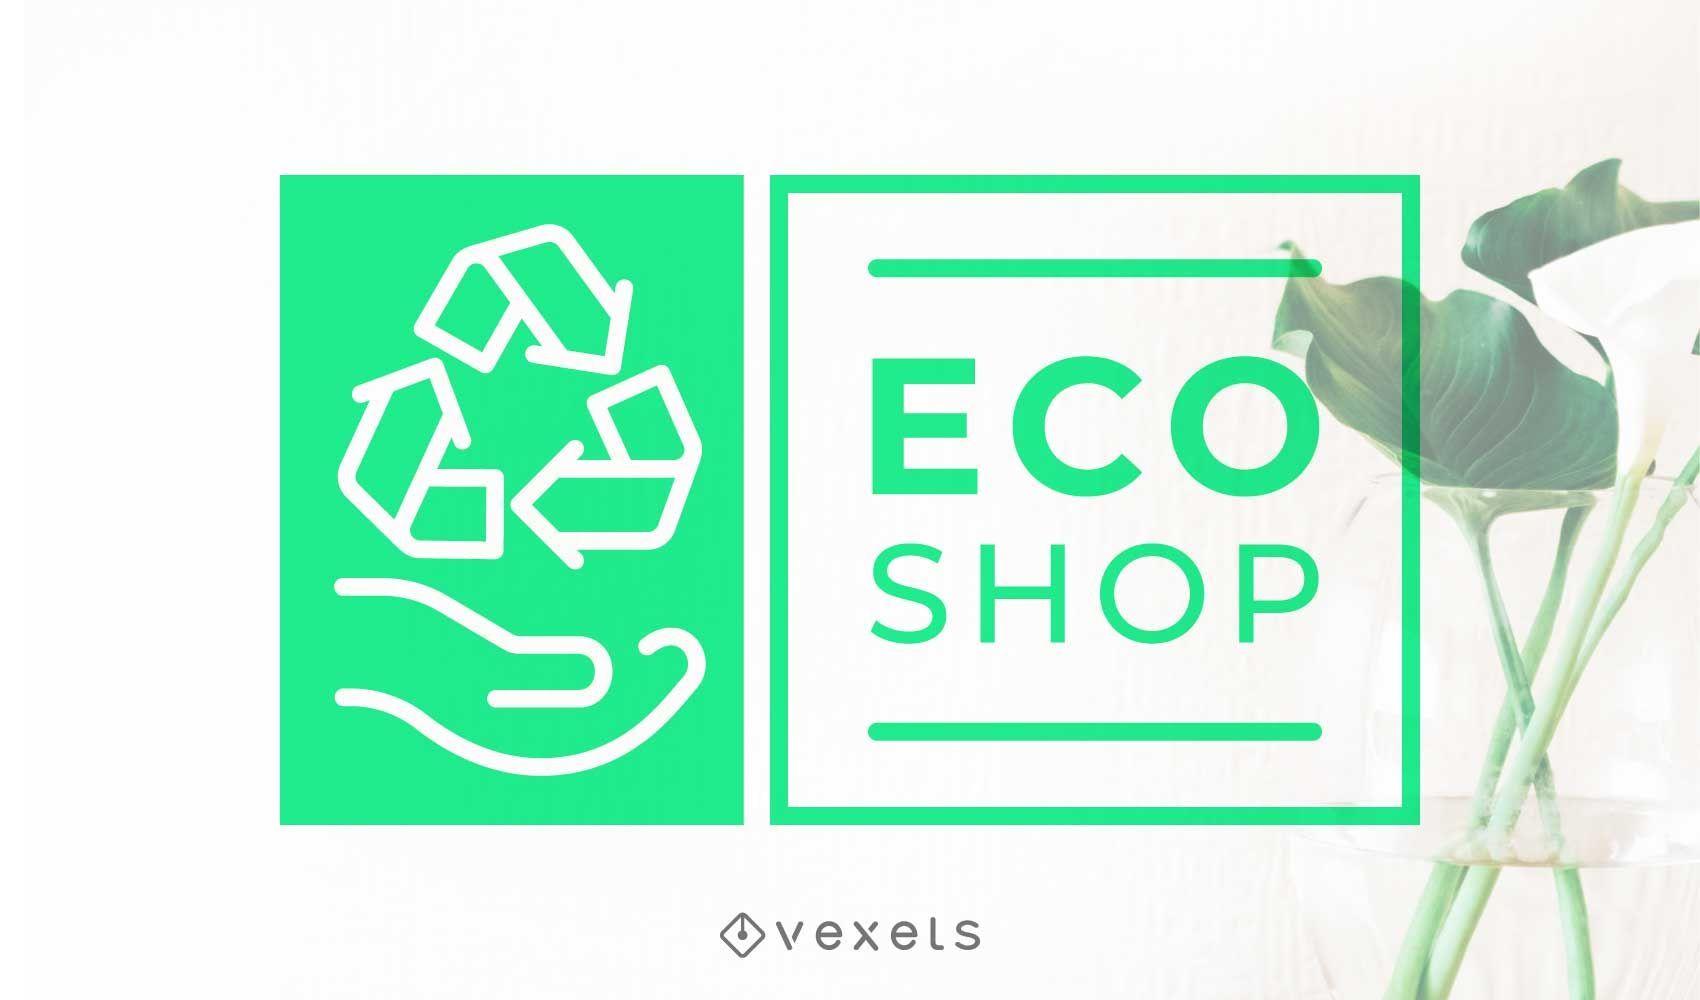 Eco shop logo design